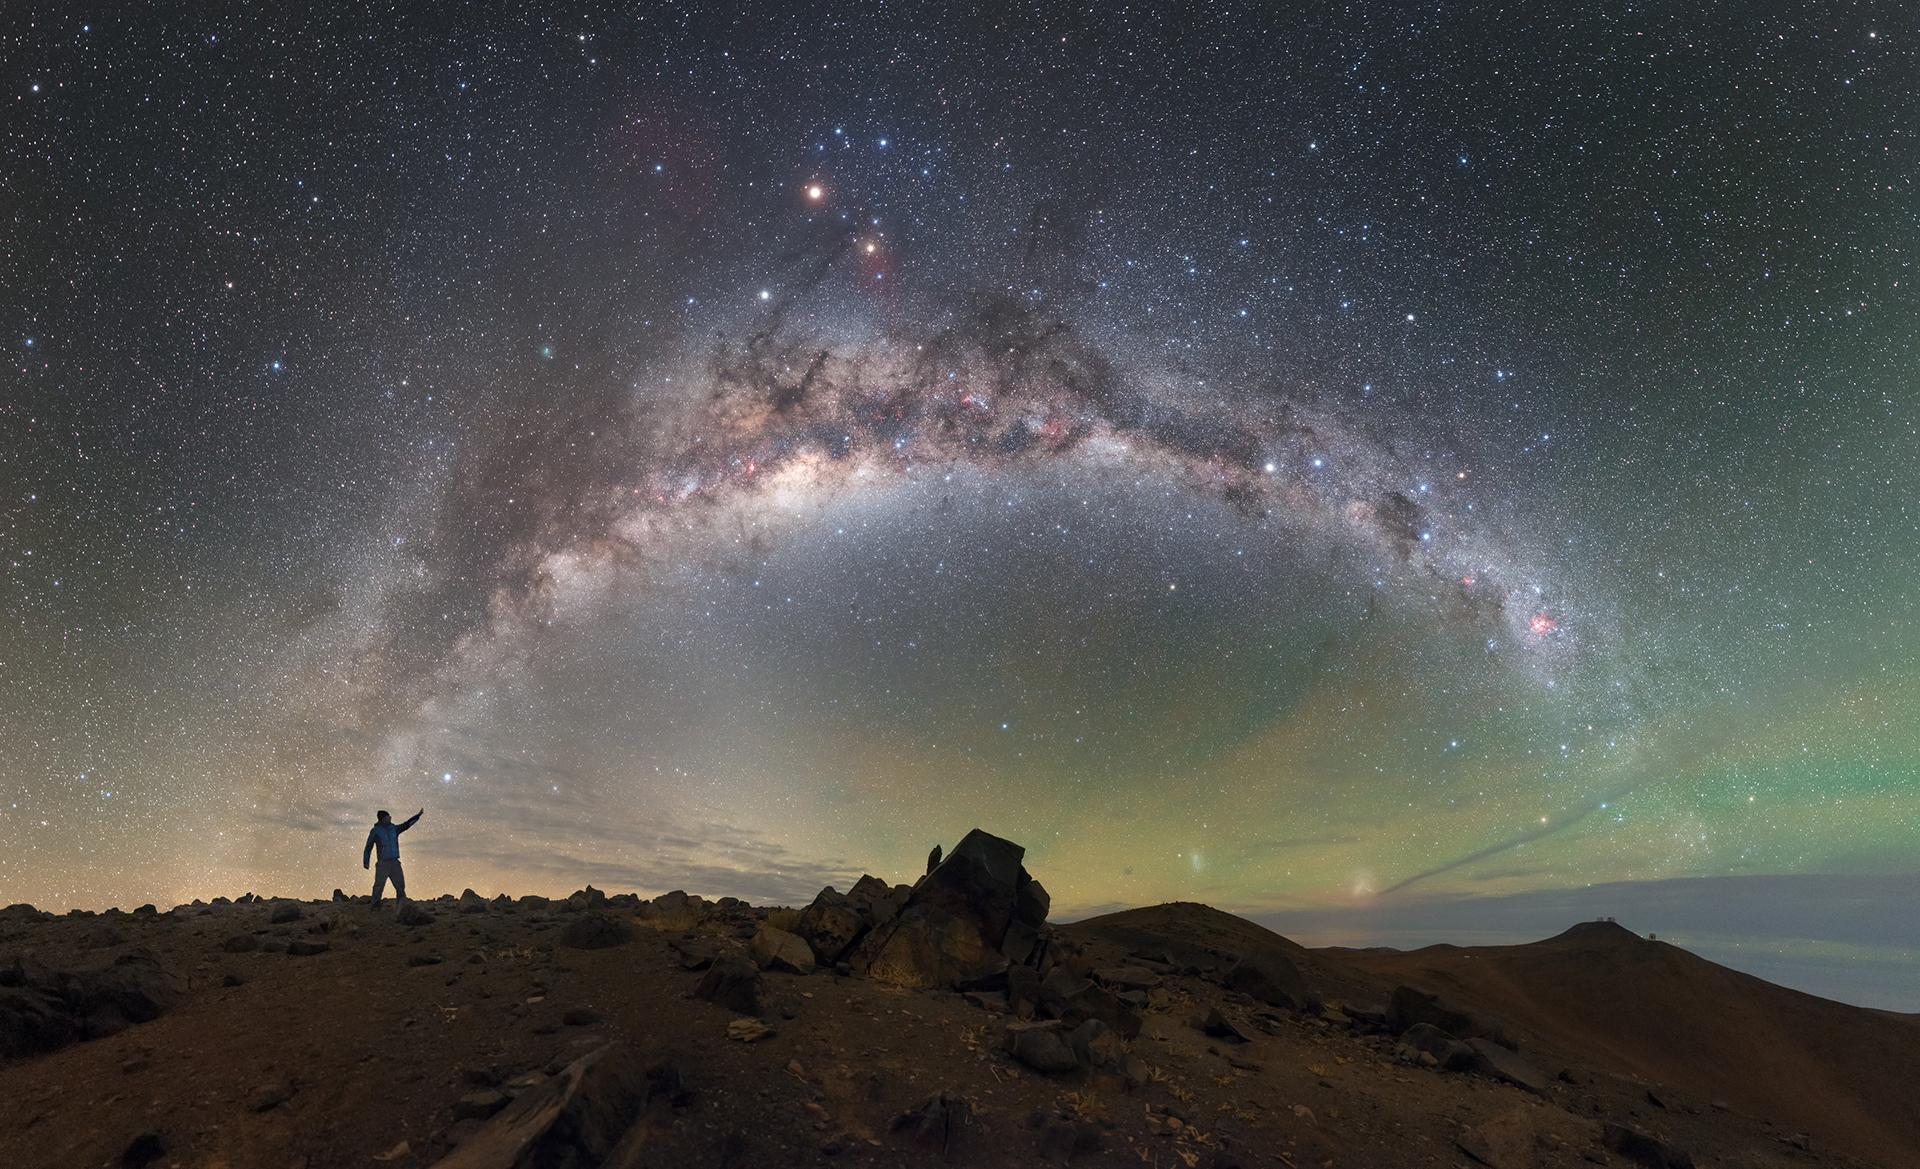 Los cielos sobre el Observatorio Paranal de ESO se asemejan al aceite sobre el agua en esta imagen de la semana de ESO, ya que los verdes, amarillos y azules se combinan para crear un paisaje de cielo iridiscente